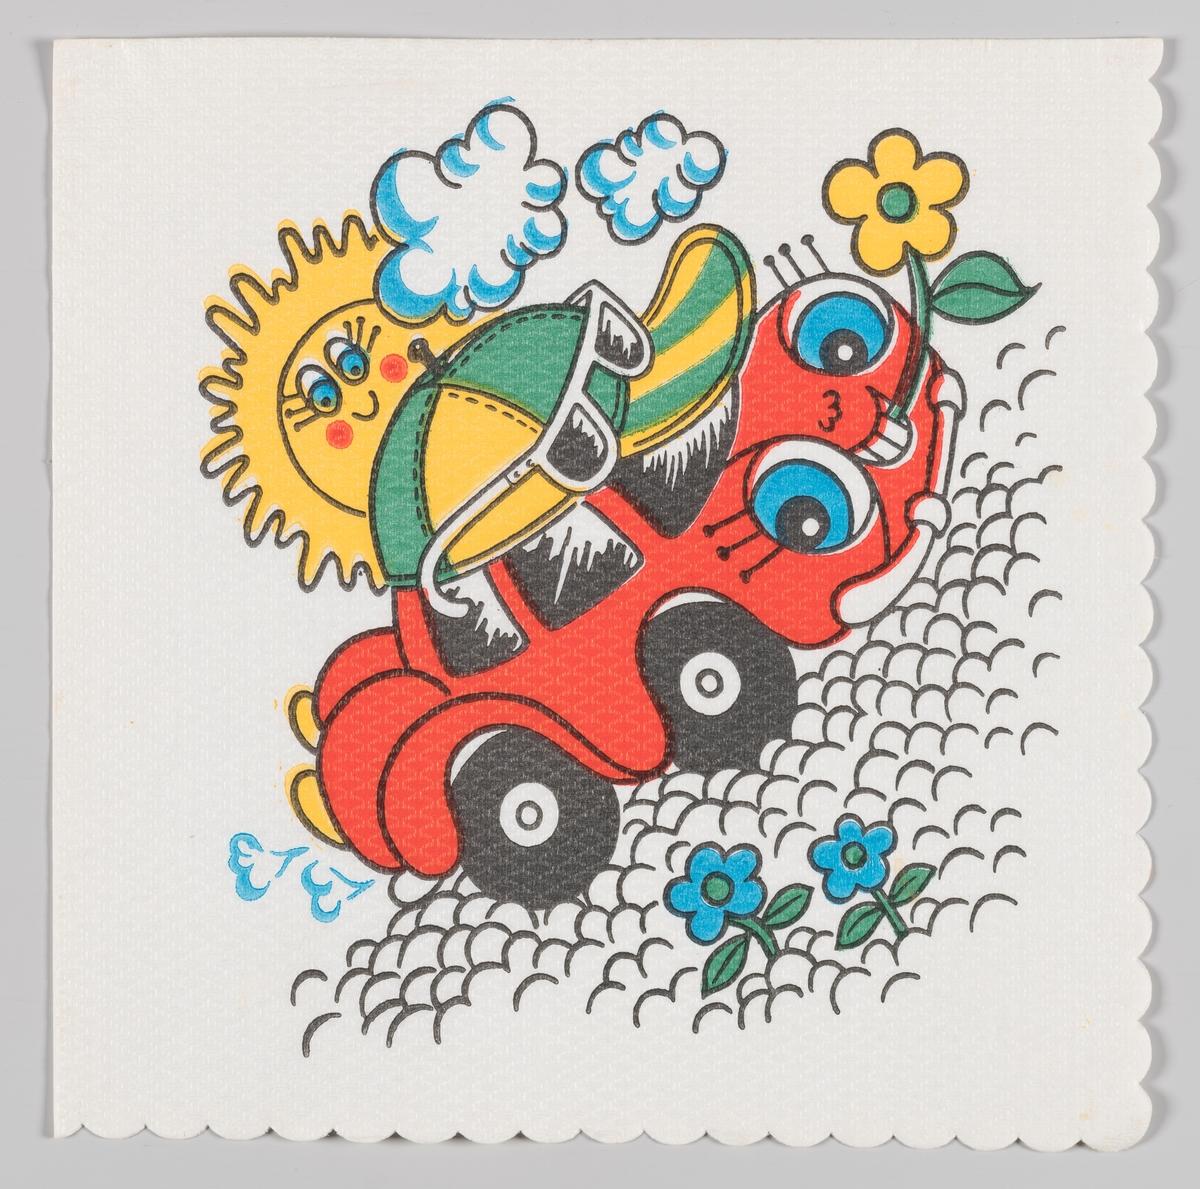 En smilende rød bil med caps og solbriller holder en blomst mellom tennene sine. Bilen kjører på en steinete vei og en smilende sol ses bak skyene.  Samme motiv som på serviett MIA.00007-003-0066.